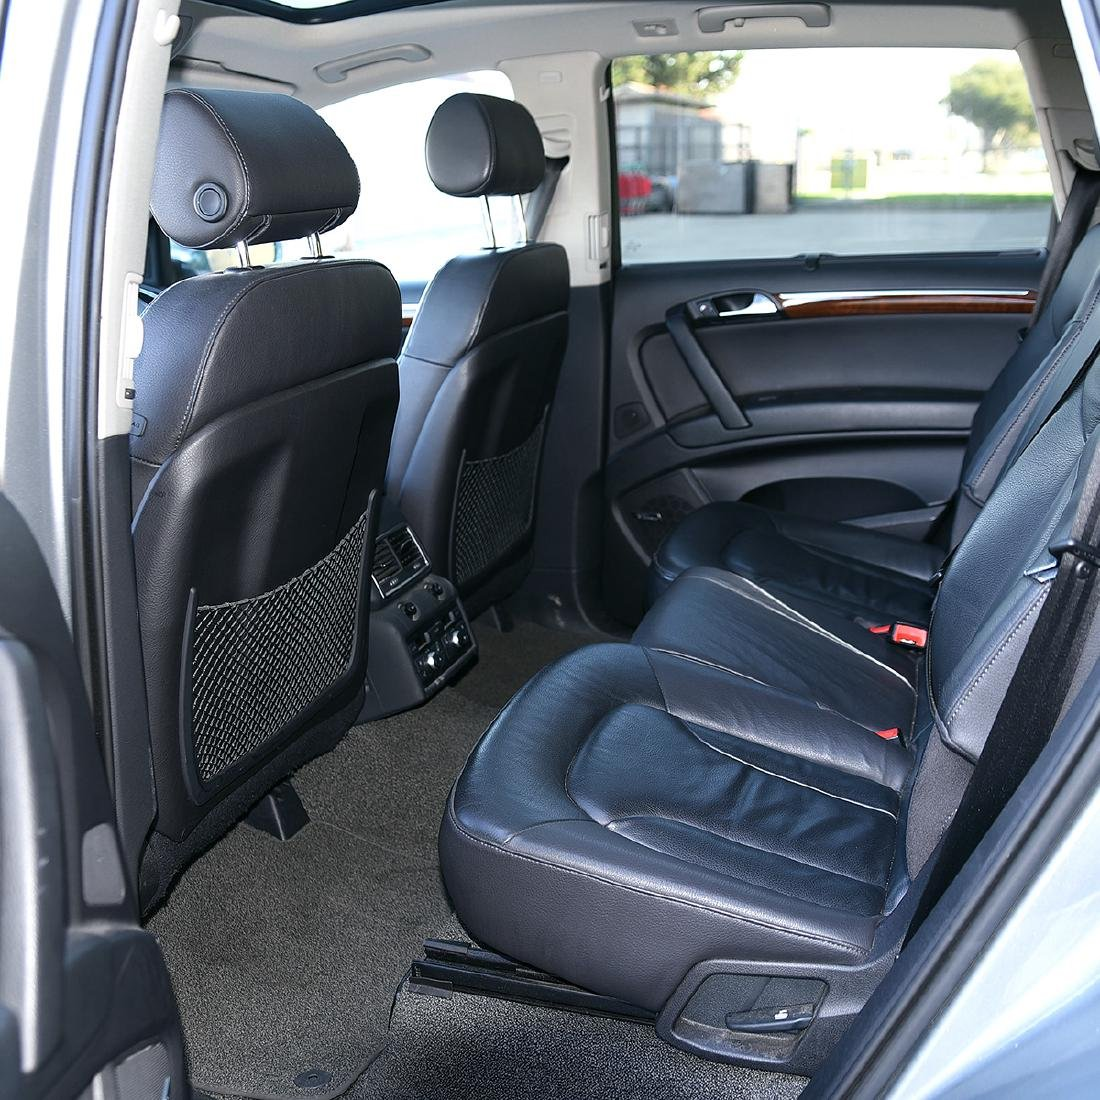 2007 Audi Q7 - 5